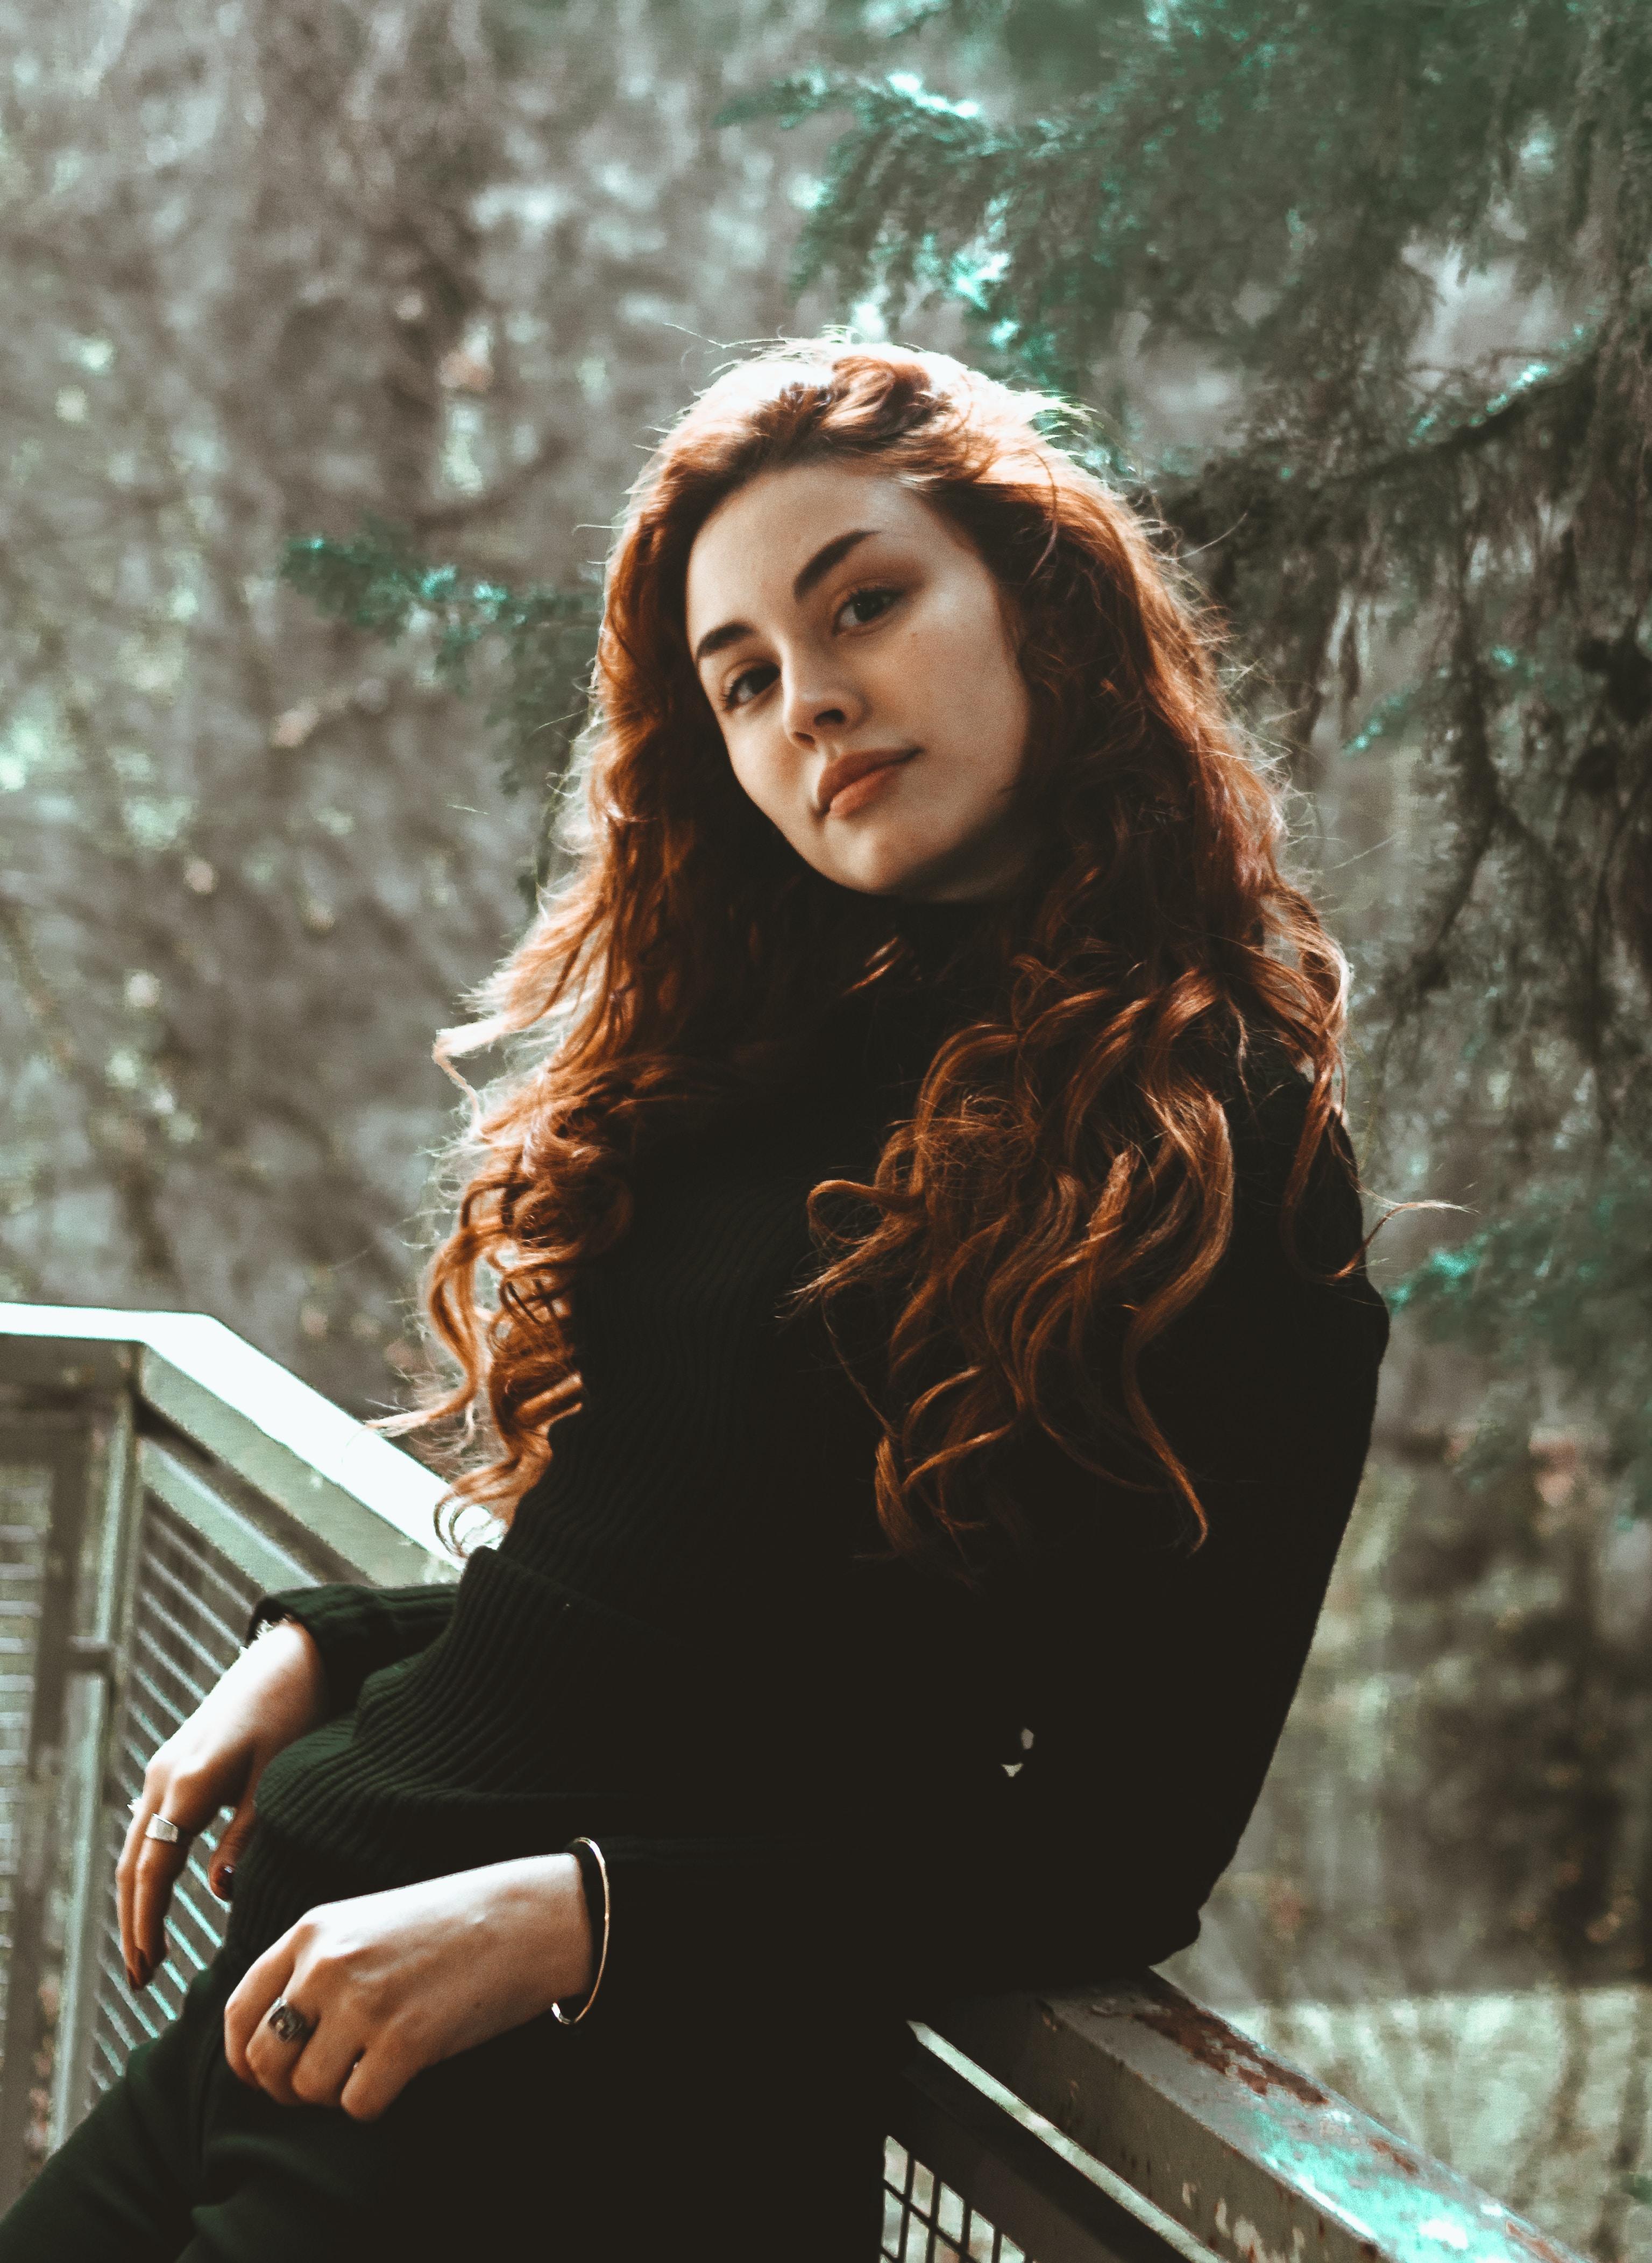 woman in black sweater